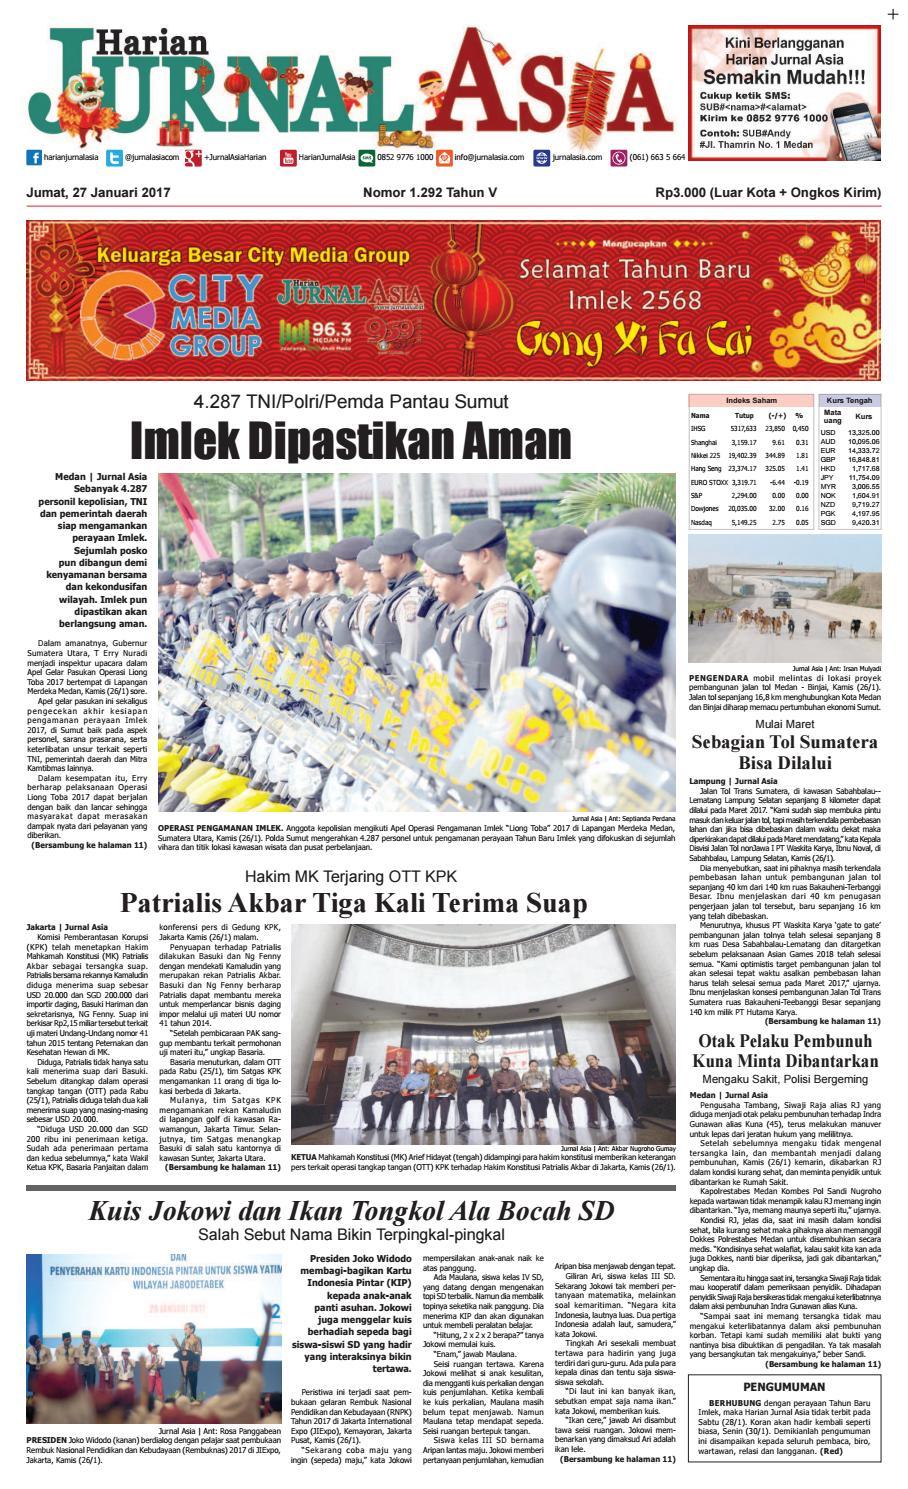 Harian Jurnal Asia Edisi Jumat 27 Januari 2017 By Produk Ukm Bumn Sambal Bawang Goreng Maklin Medan Issuu